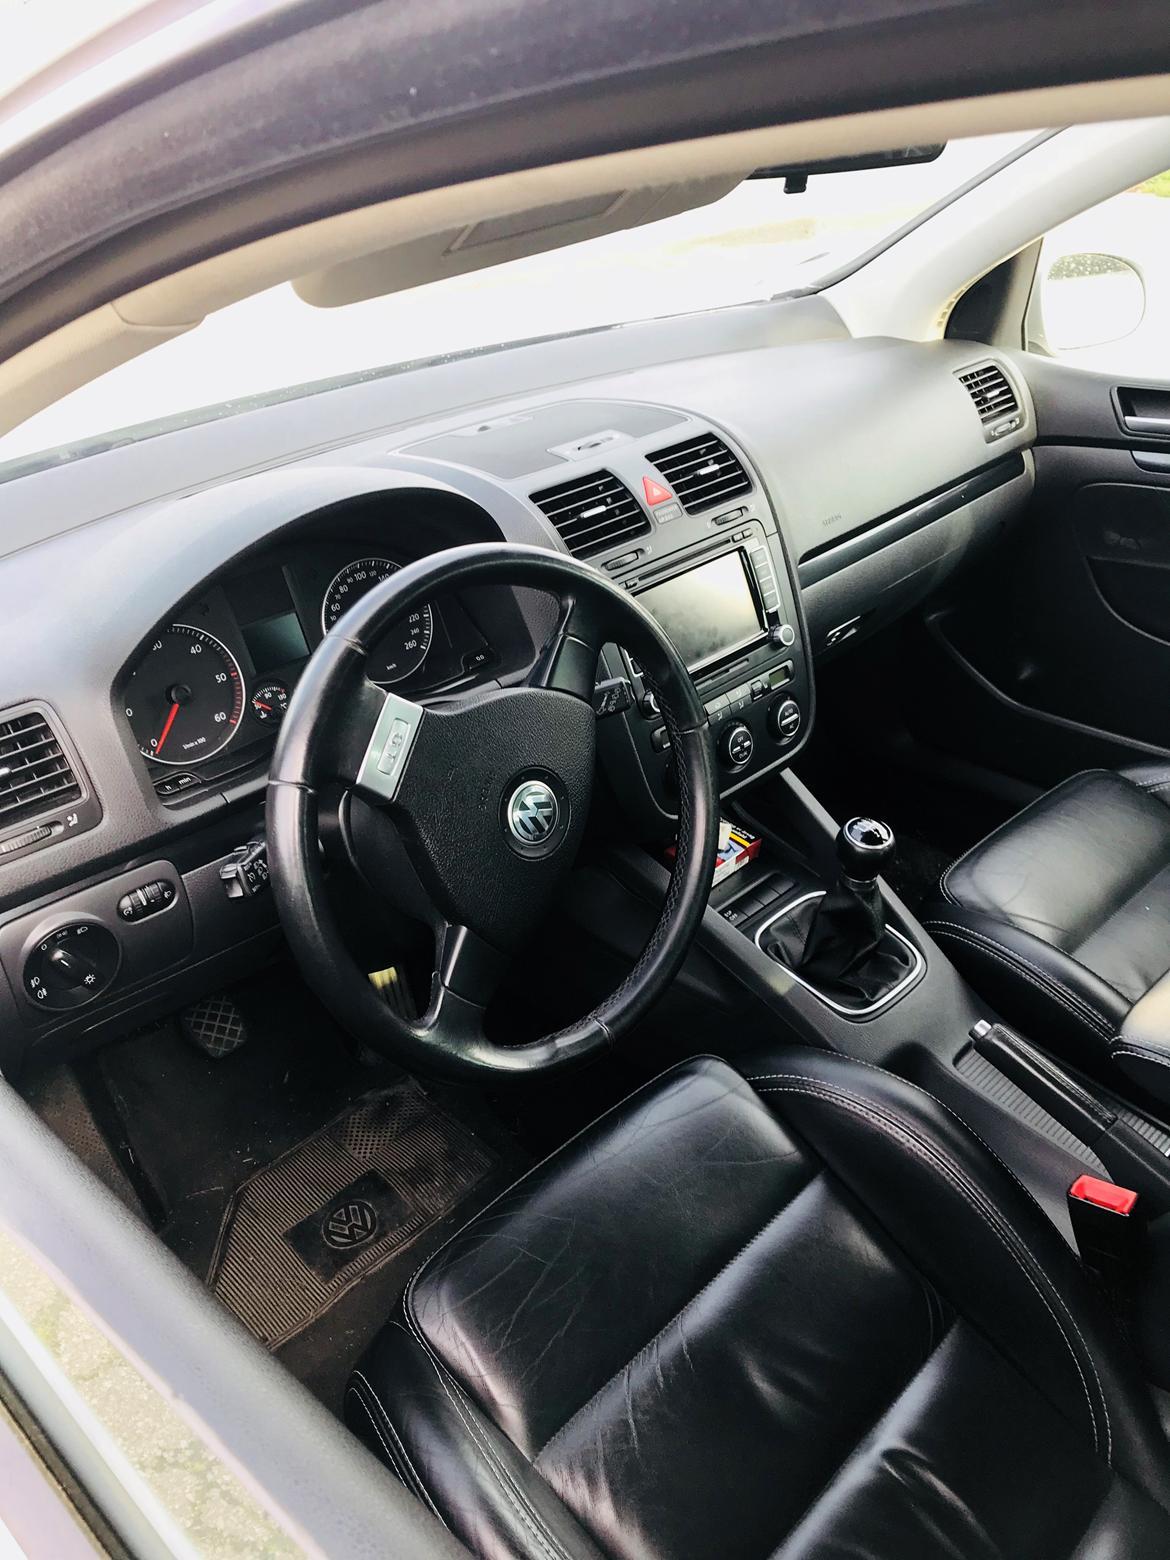 VW Golf 5 GT Sport 2,0 TDI billede 10